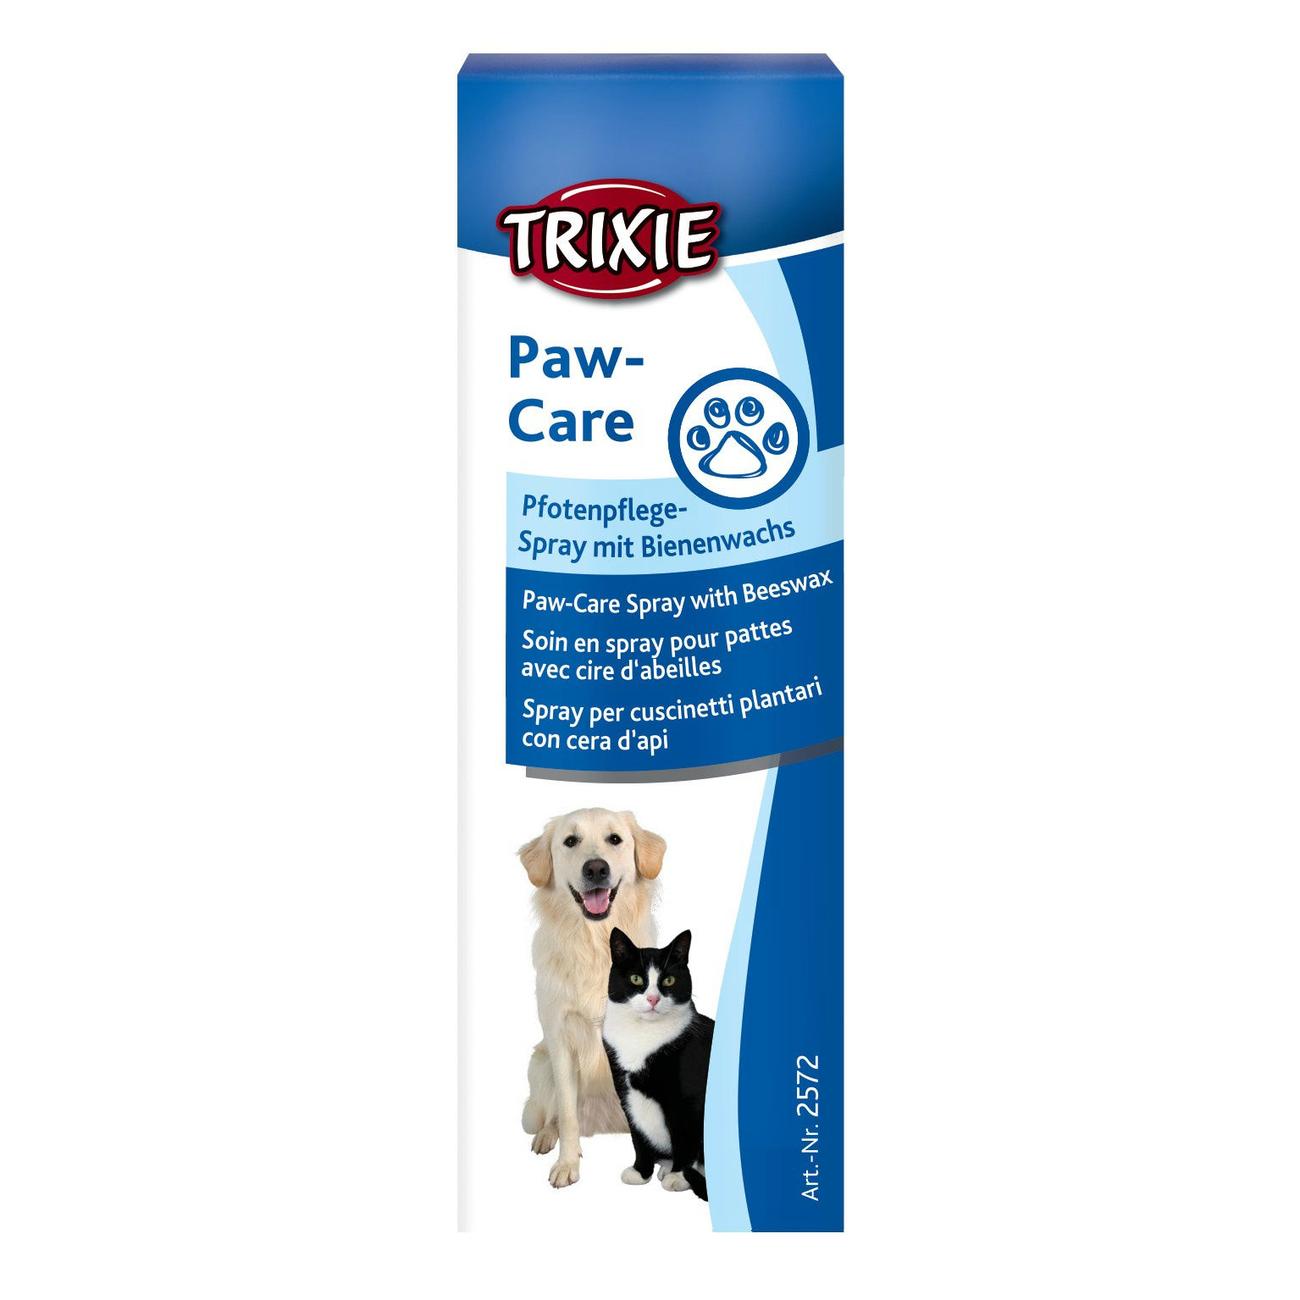 TRIXIE Pfotenpflege-Spray für Hunde und Katzen Preview Image